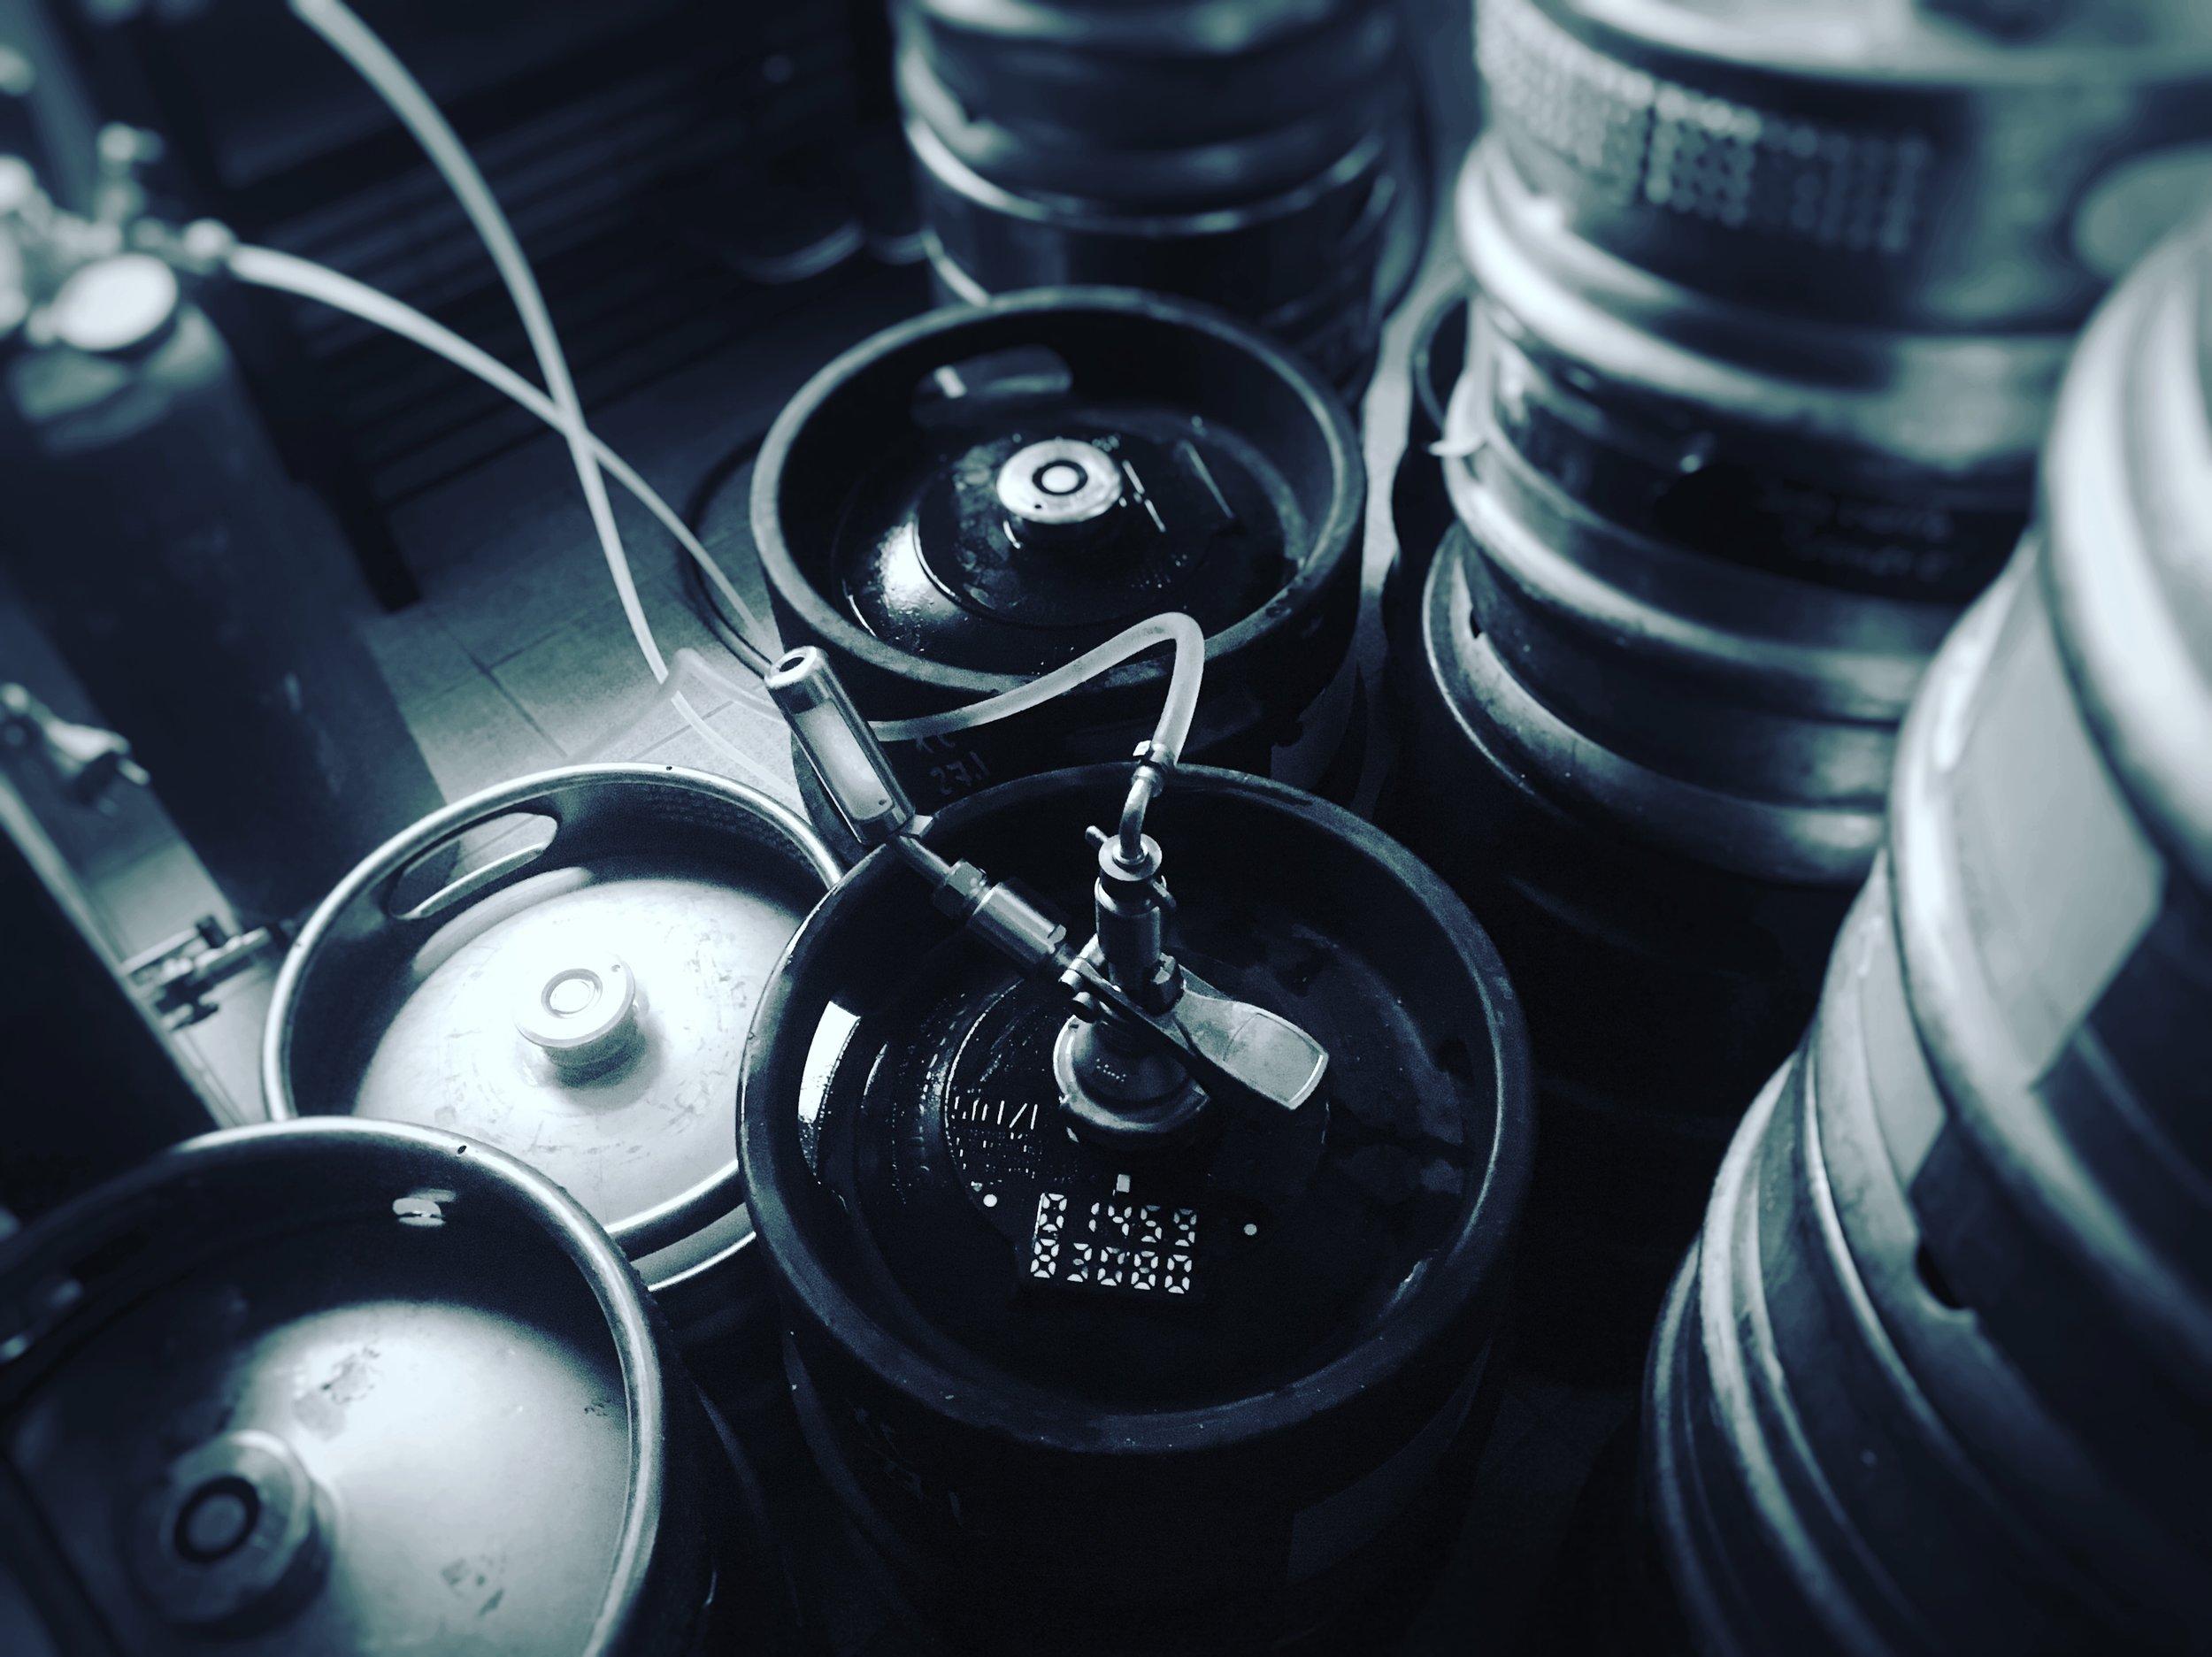 Berlin Beer Keg Contract Brewing